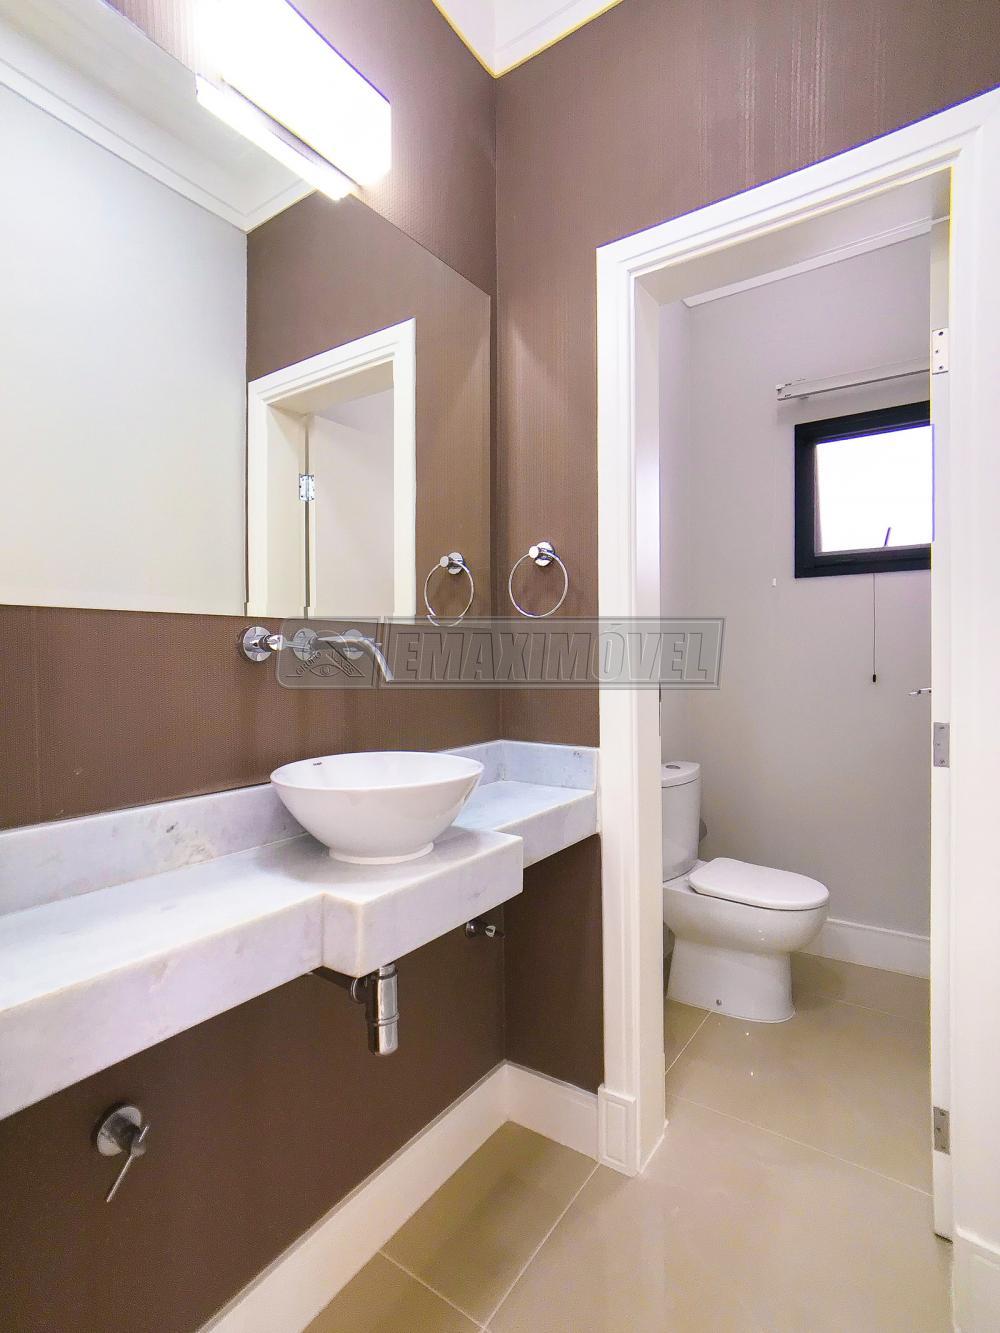 Comprar Casas / em Condomínios em Votorantim apenas R$ 850.000,00 - Foto 11